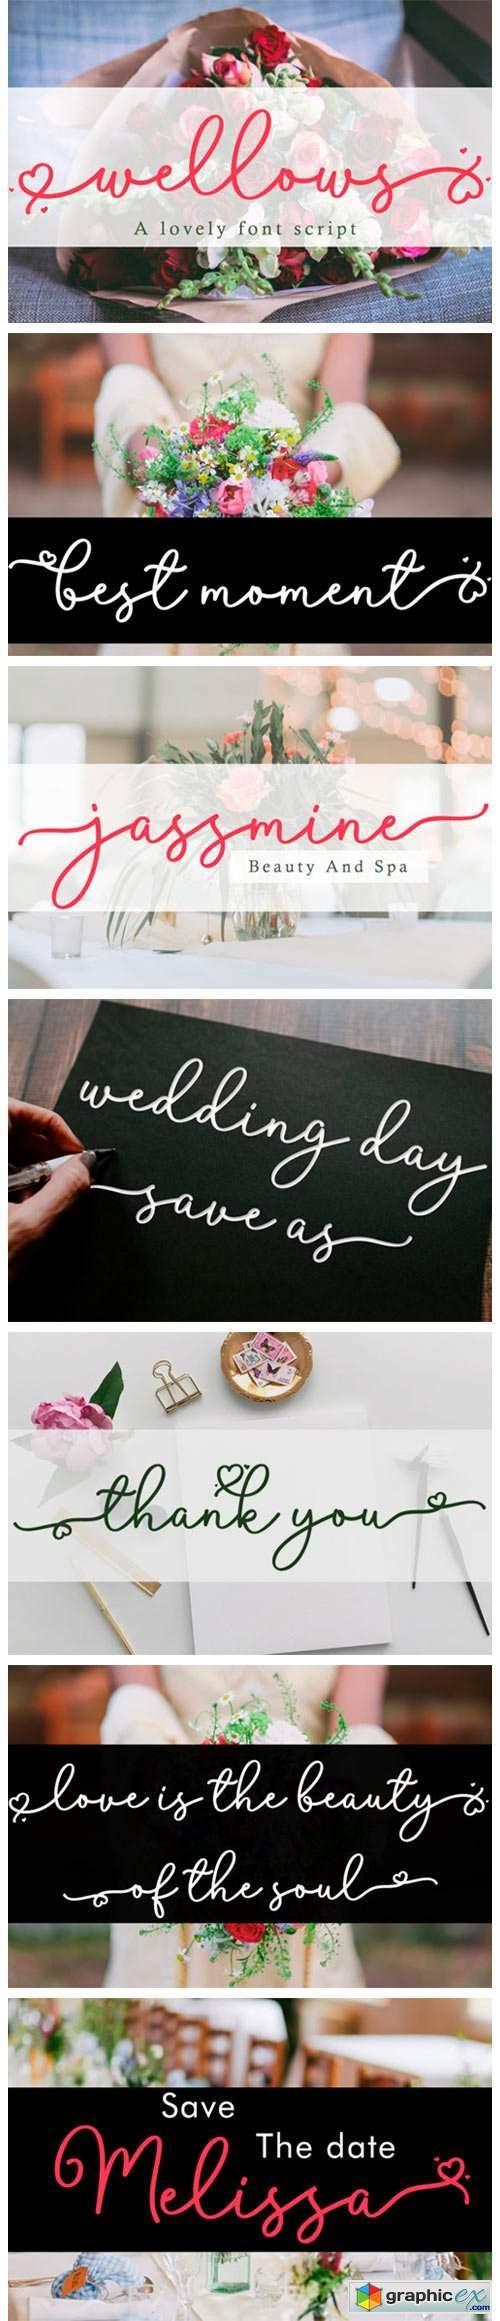 Wellows Font